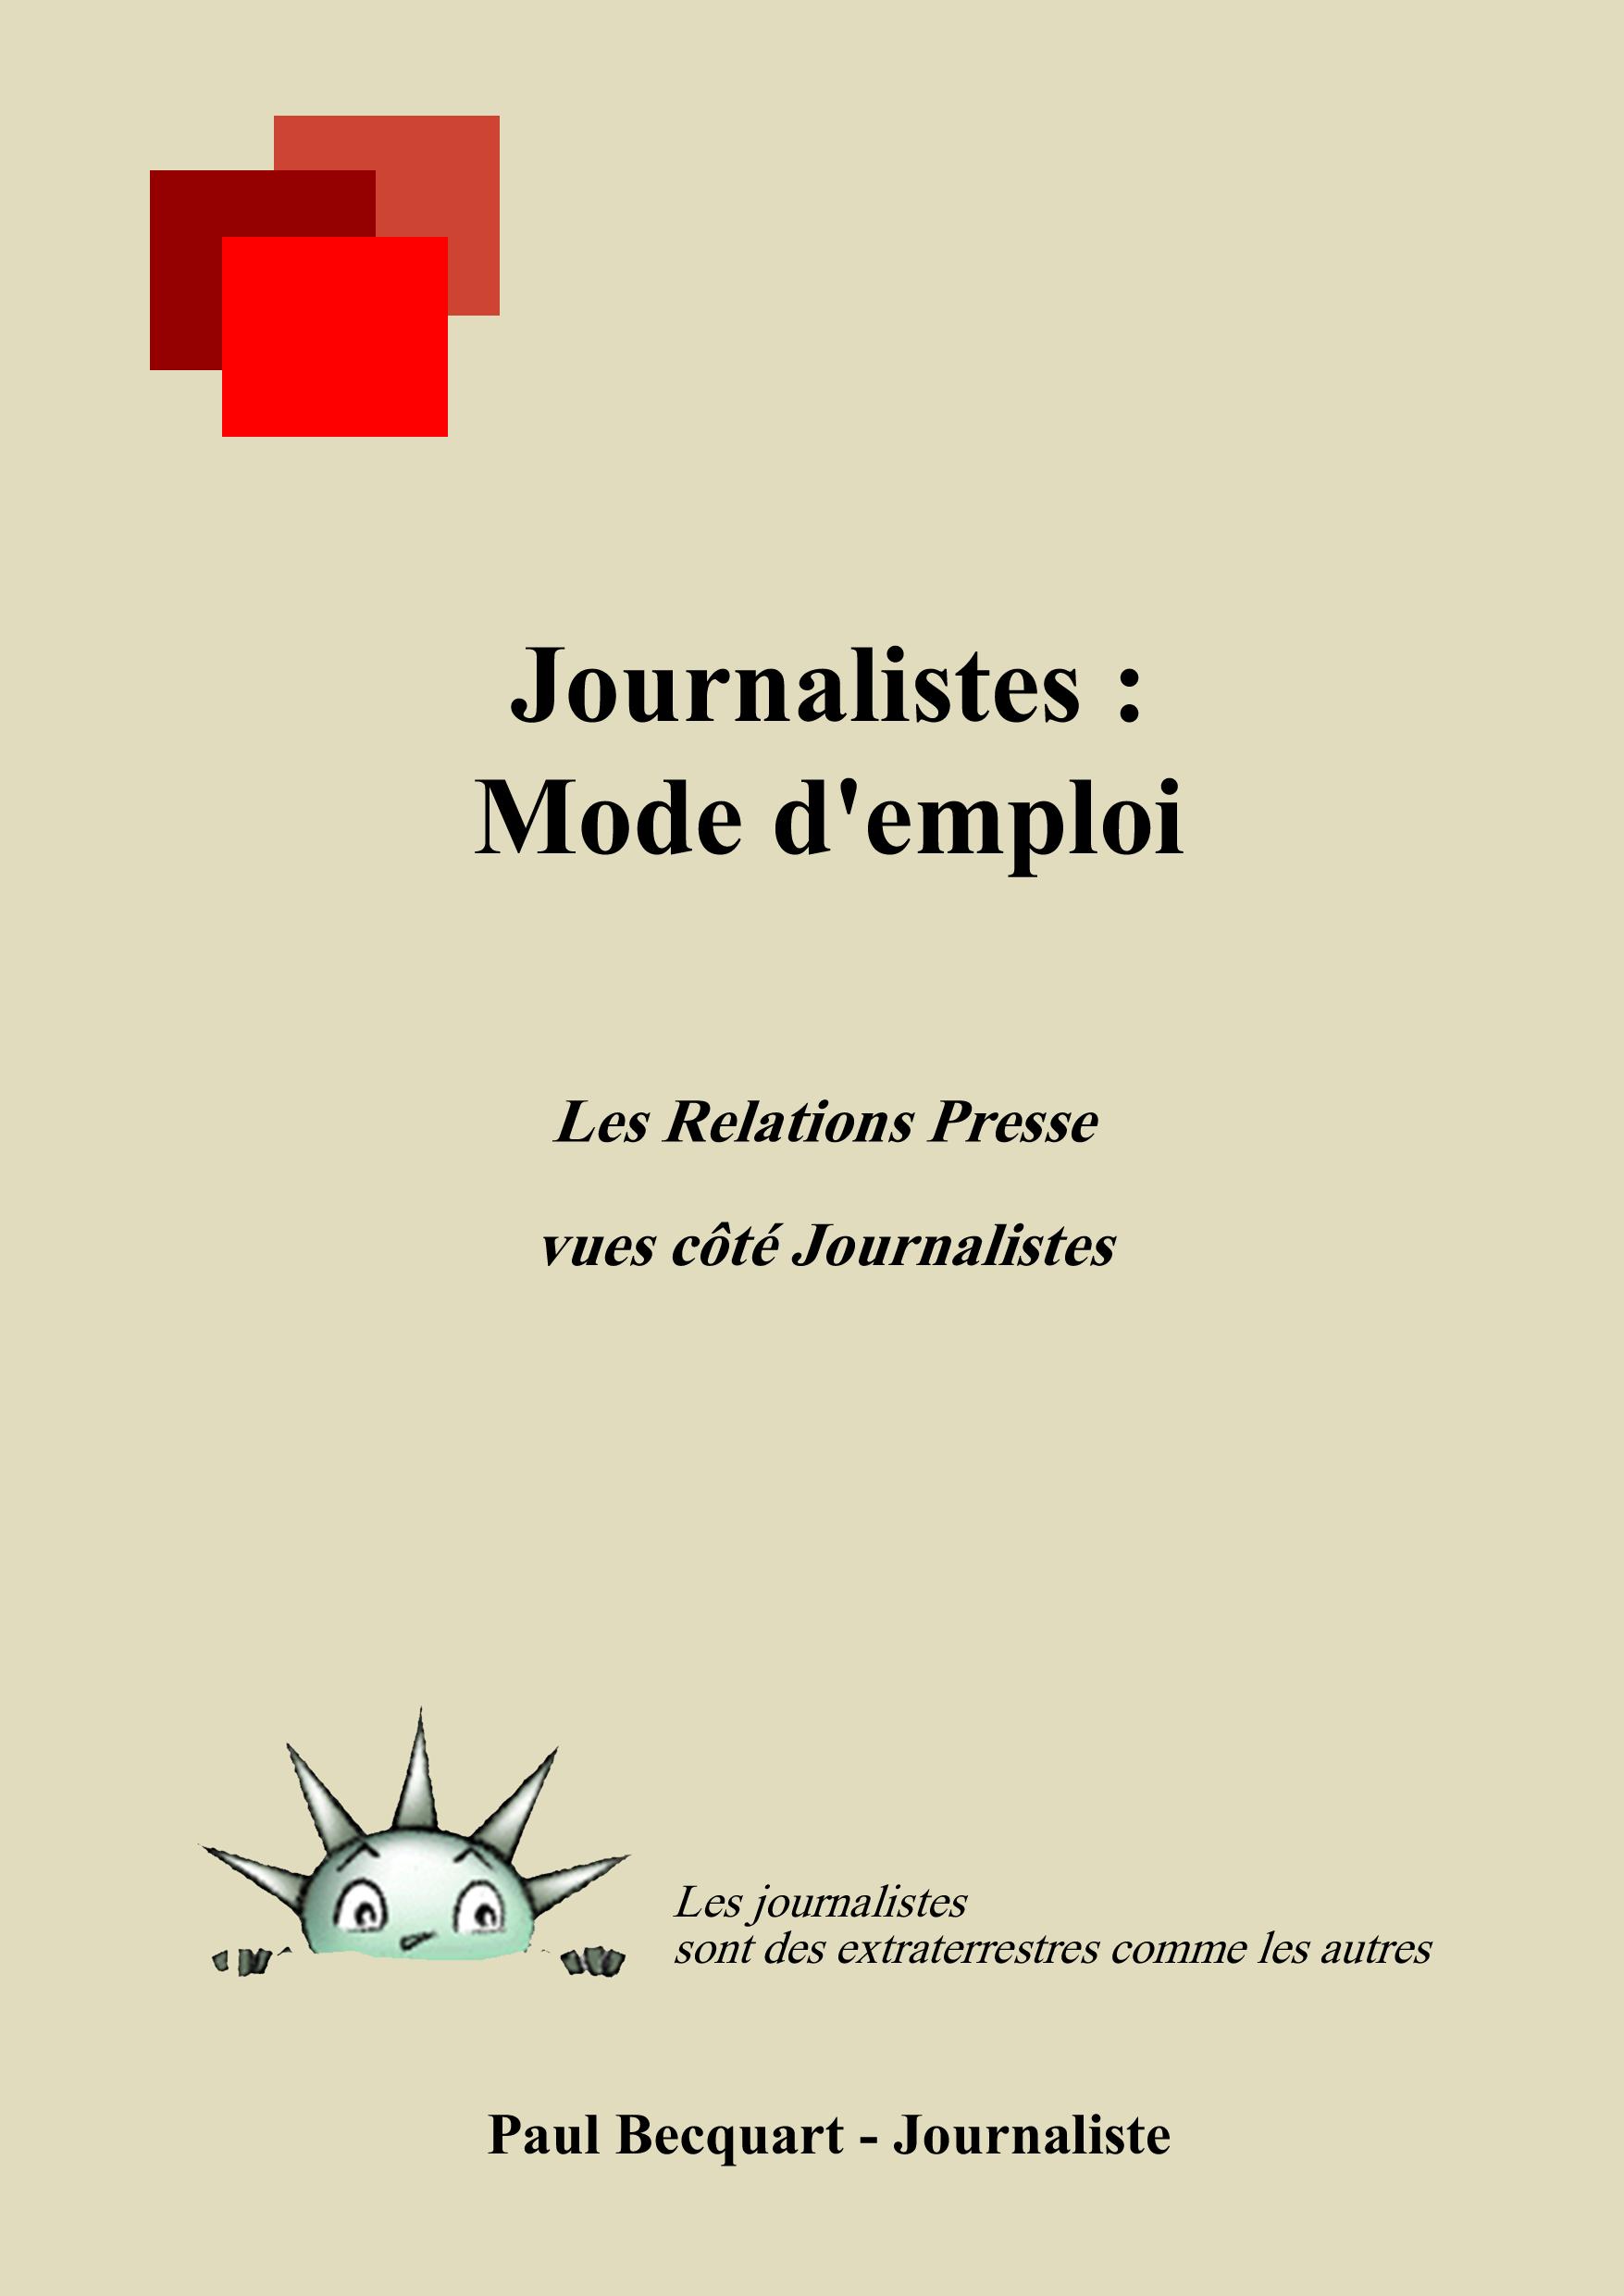 Journalistes : Mode d'emploi